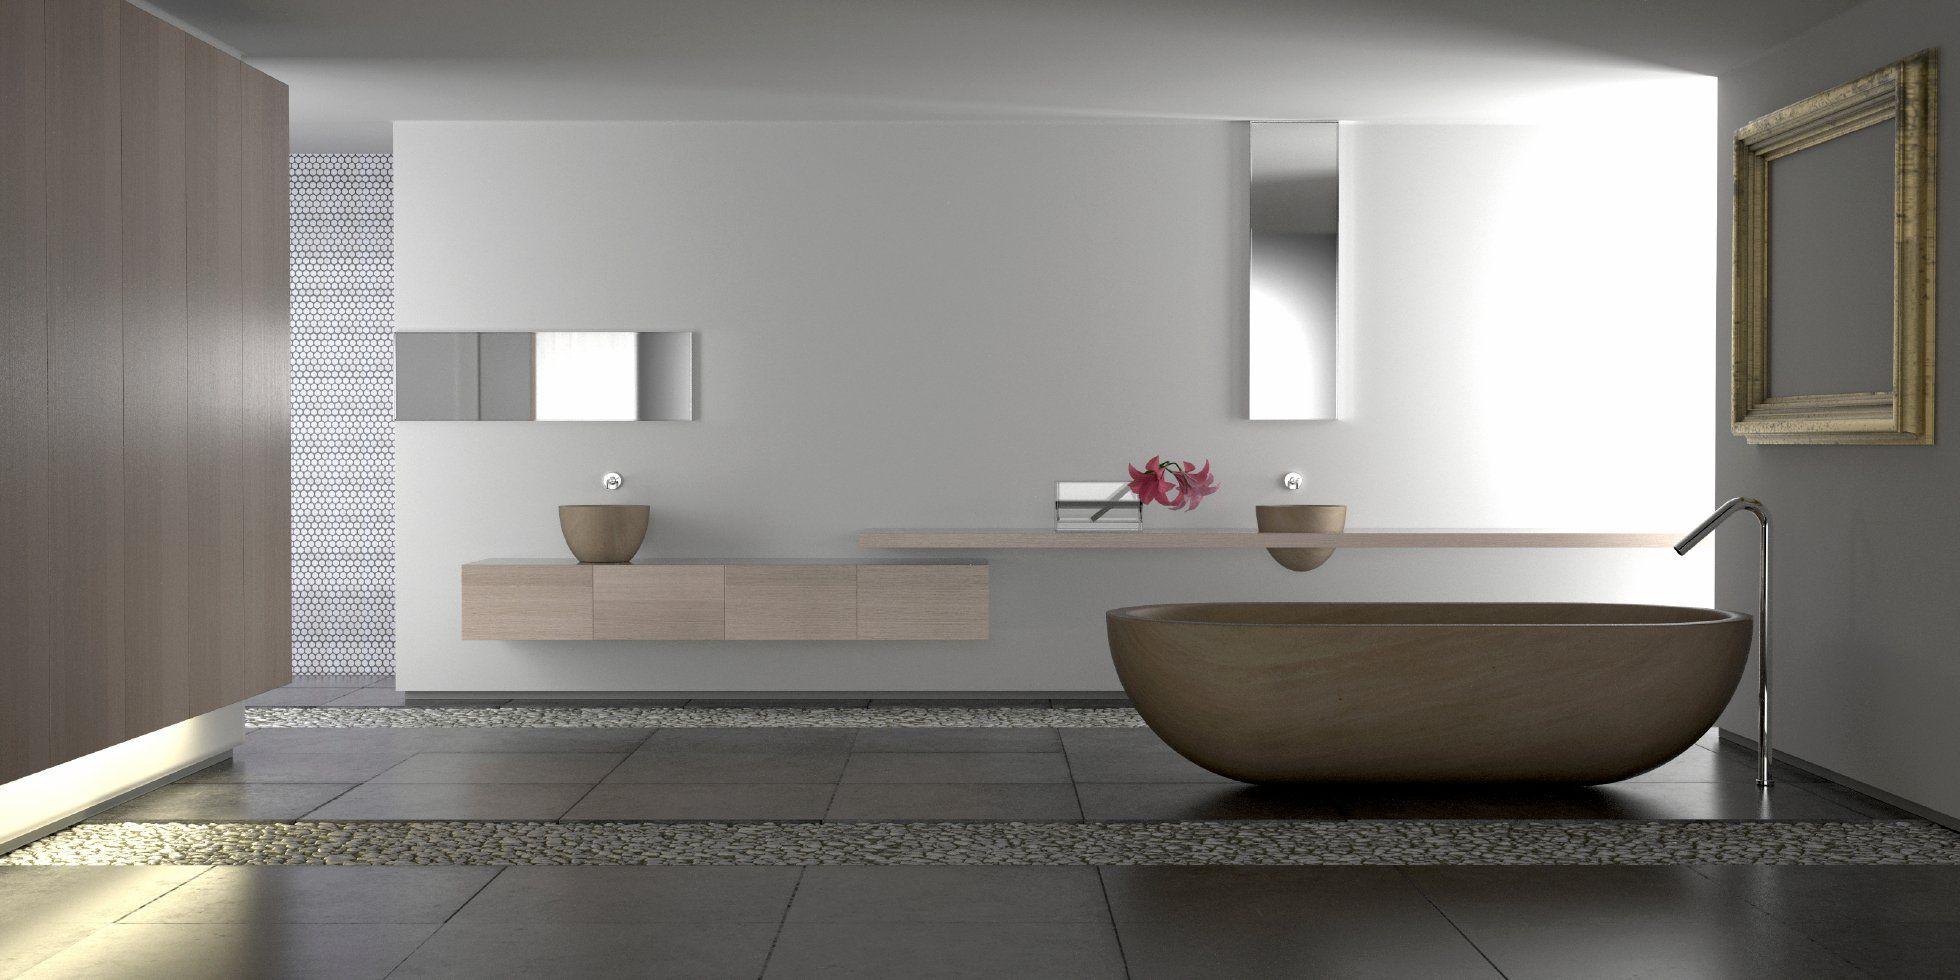 Exemple de devis Salle de bains -WC - SPA